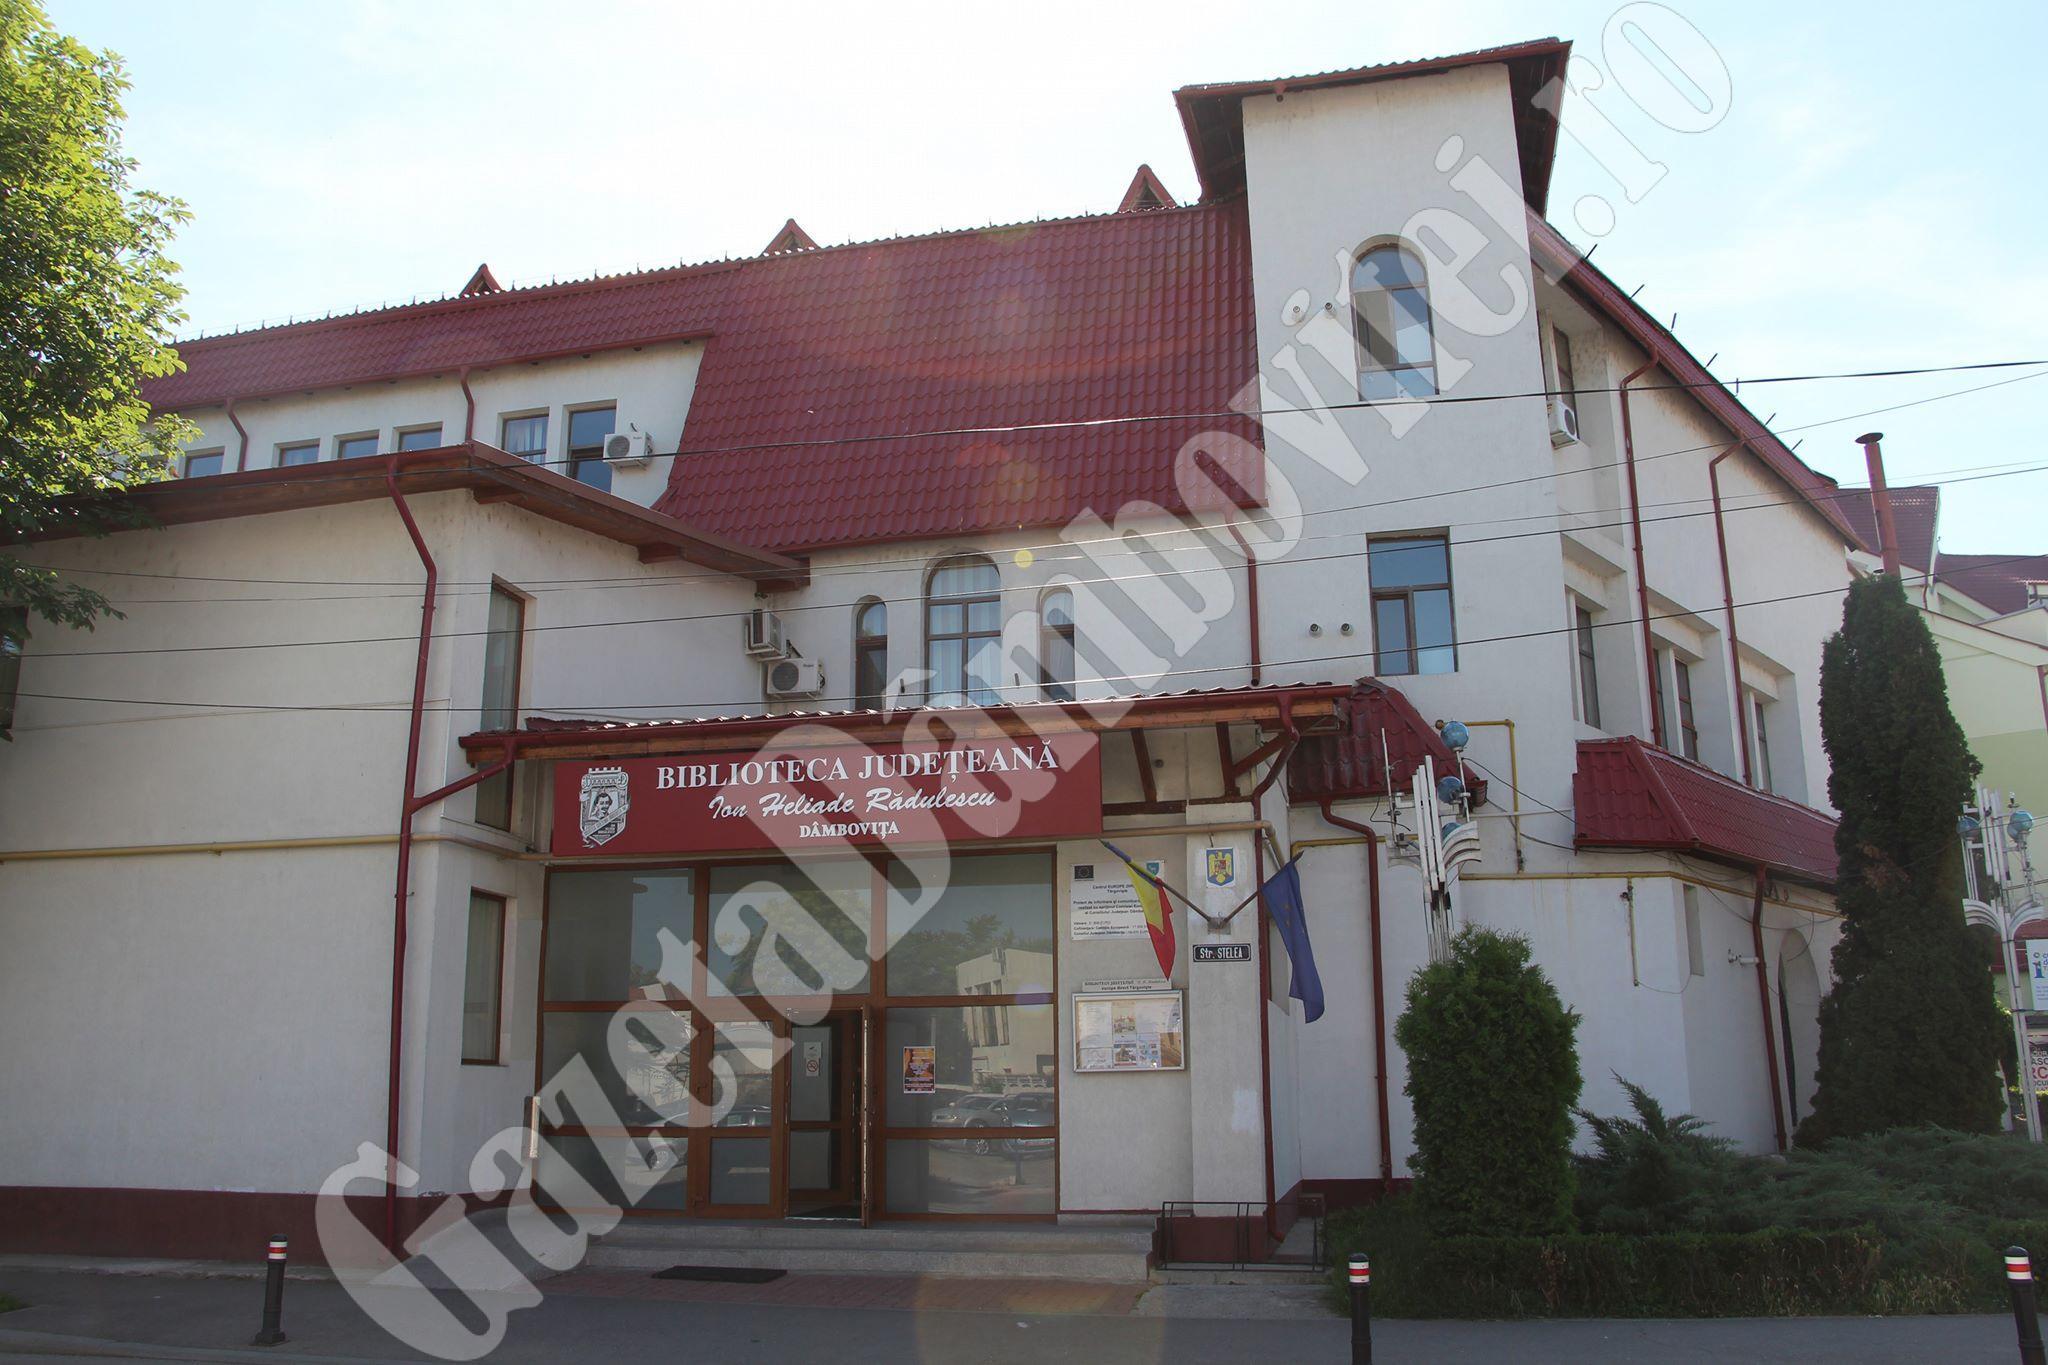 Biblioteca Județeană Dâmbovița deschide pentru public sălile de lectură la sediul central și la sediul Filialei pentru Copii